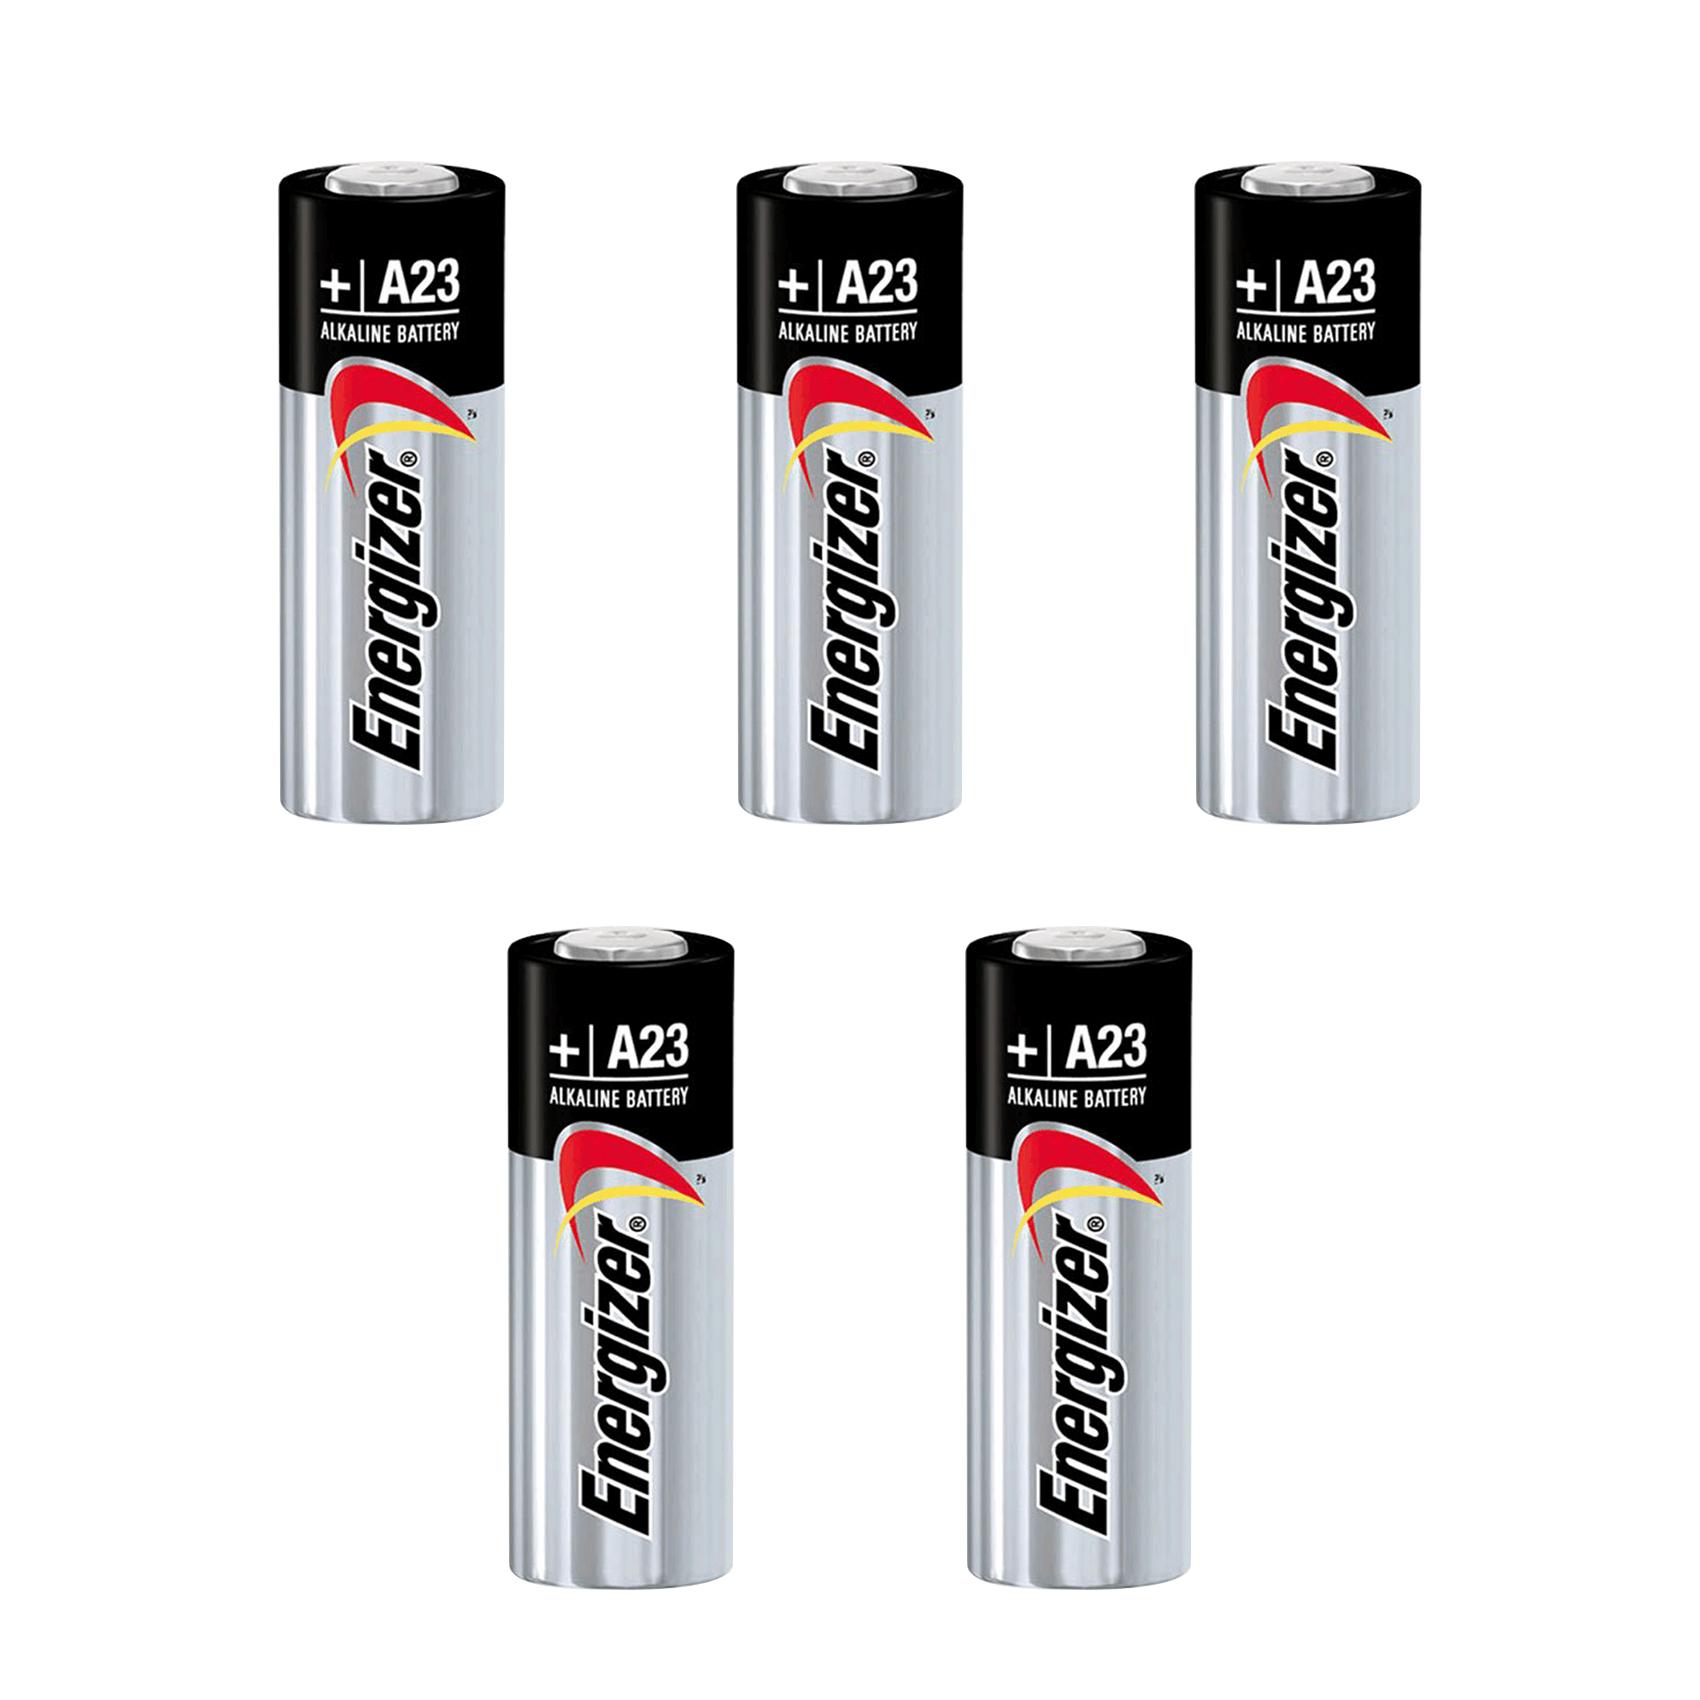 باتری 23A انرجایزر کد Ea235 بسته 5 عددی